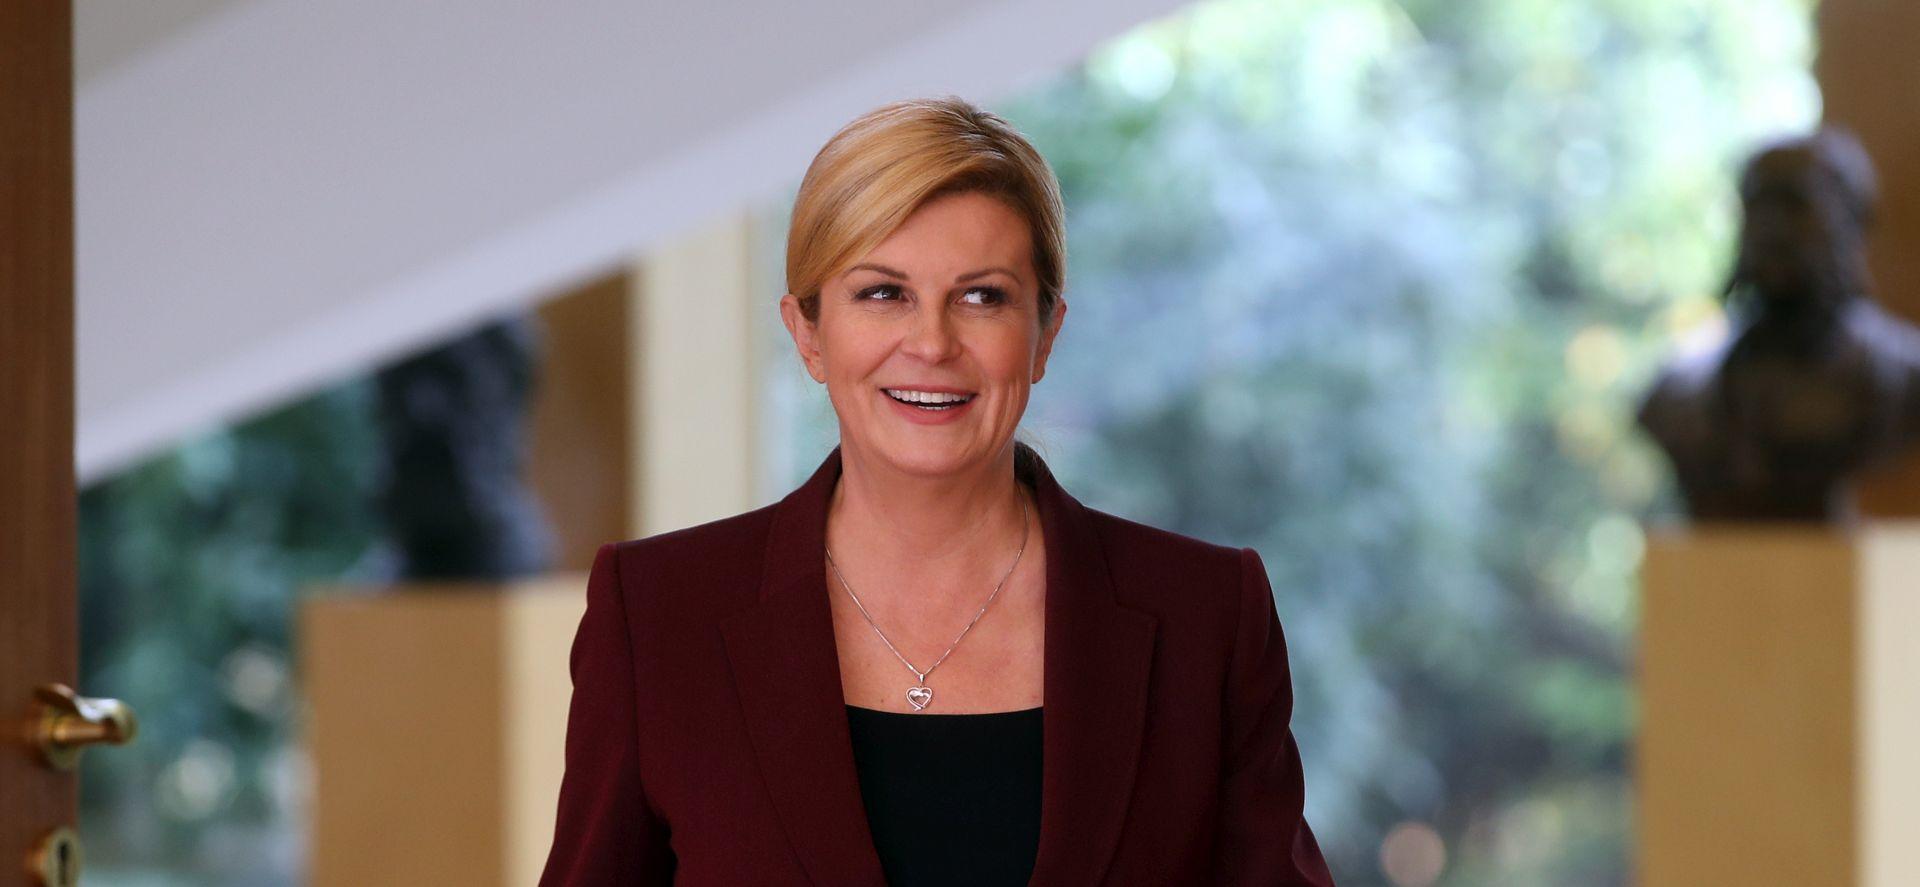 """KOLOVOZ """"Glavnom tajniku UN-a potvrdila dolazak u Marakeš"""""""